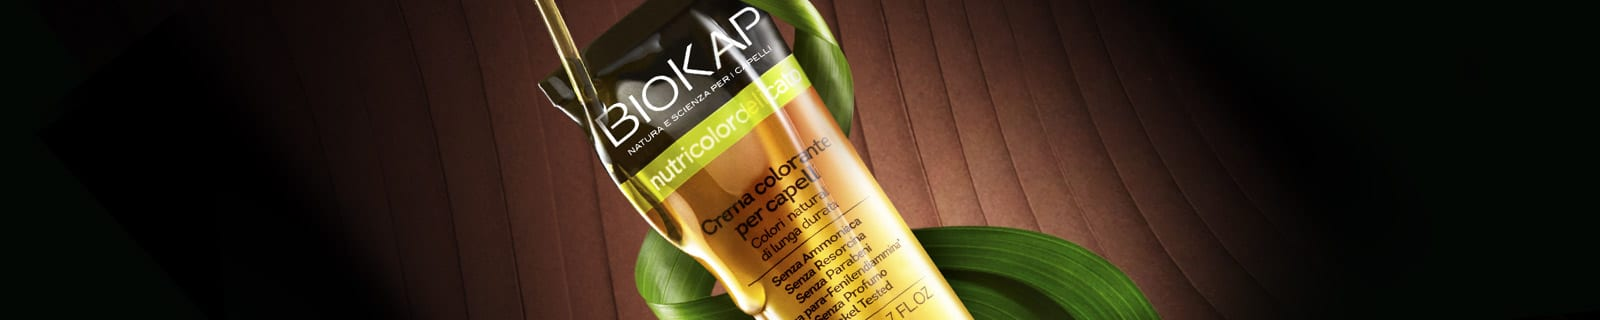 Crème éclaircissante pour cheveux naturelle à base d'ingrédients végétaux